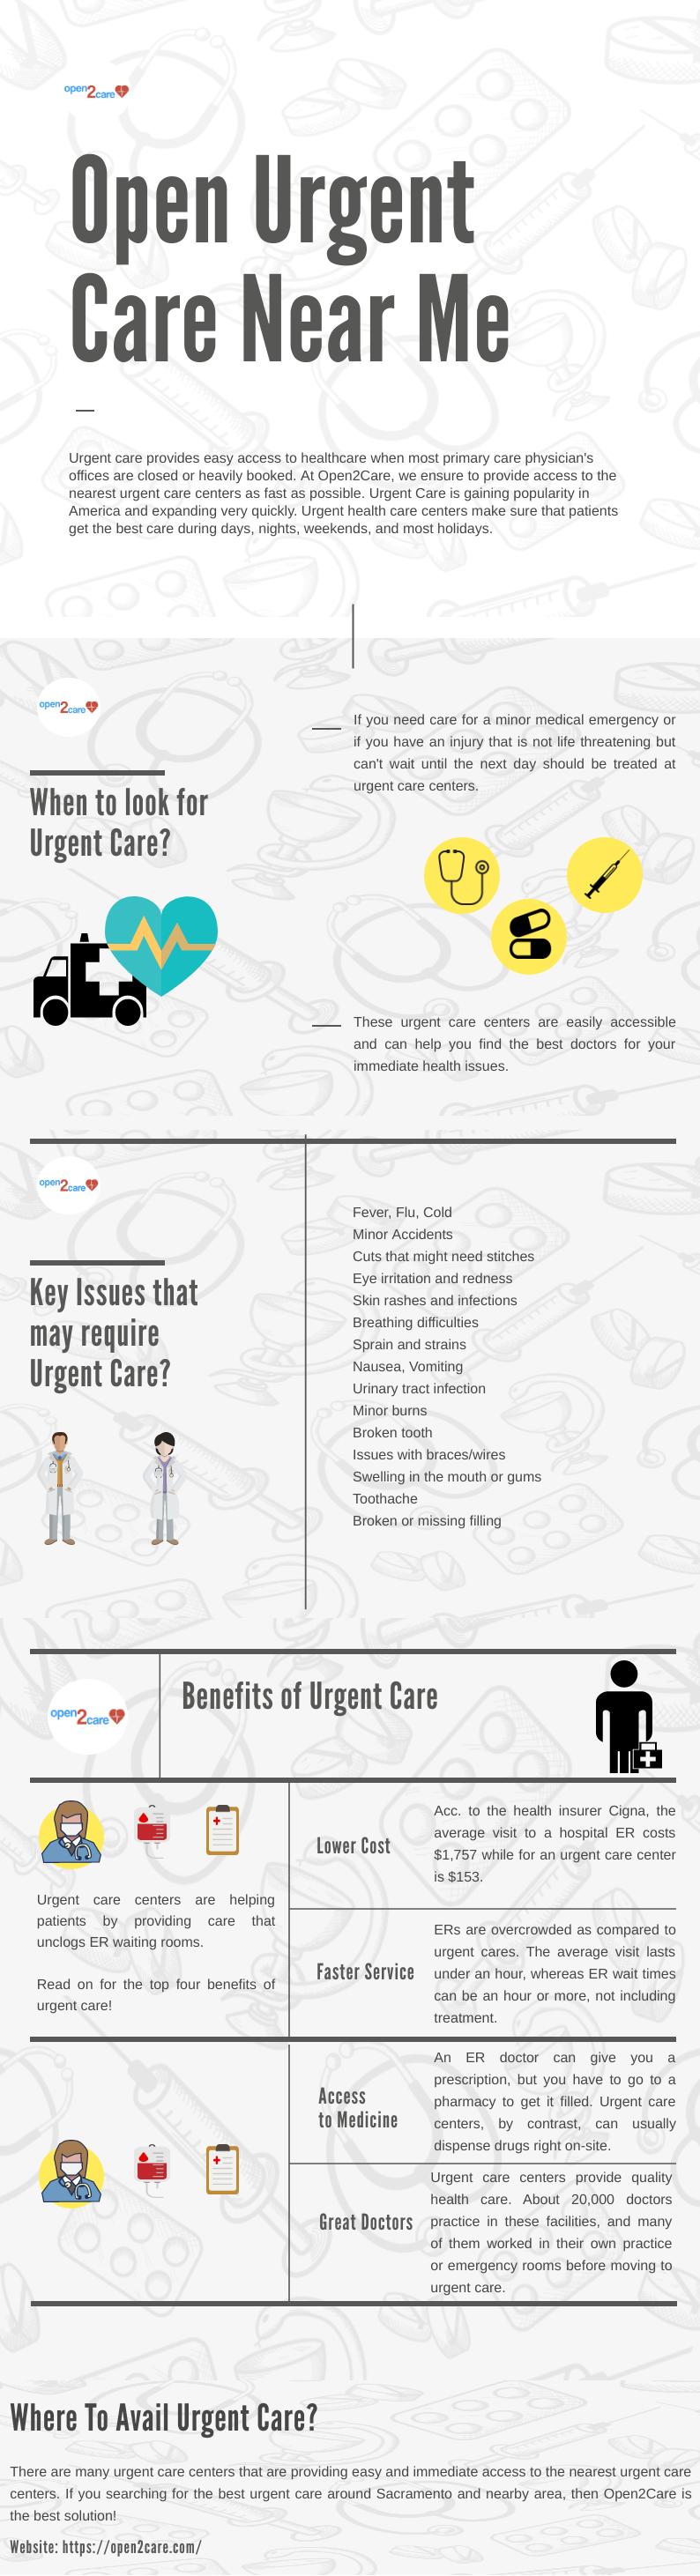 Open Urgent Care Near Me Urgent care, Urgent care near